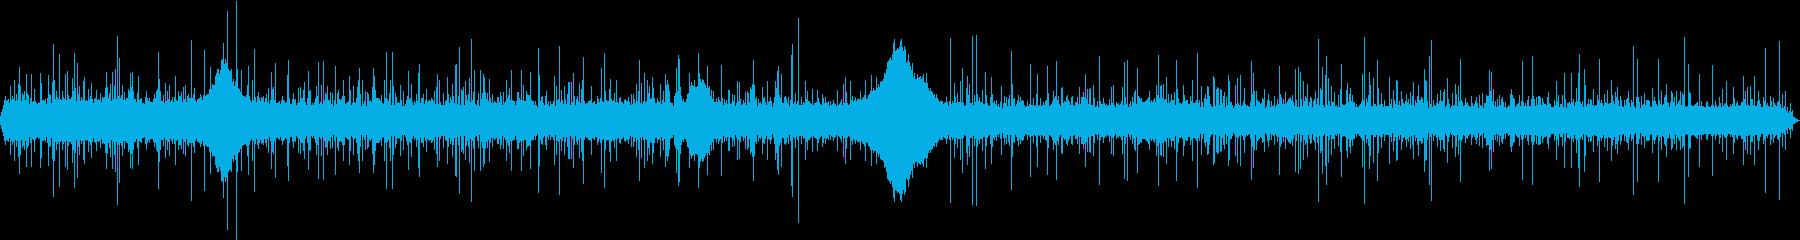 【生録音】日本 東京に降る雨の音 2の再生済みの波形